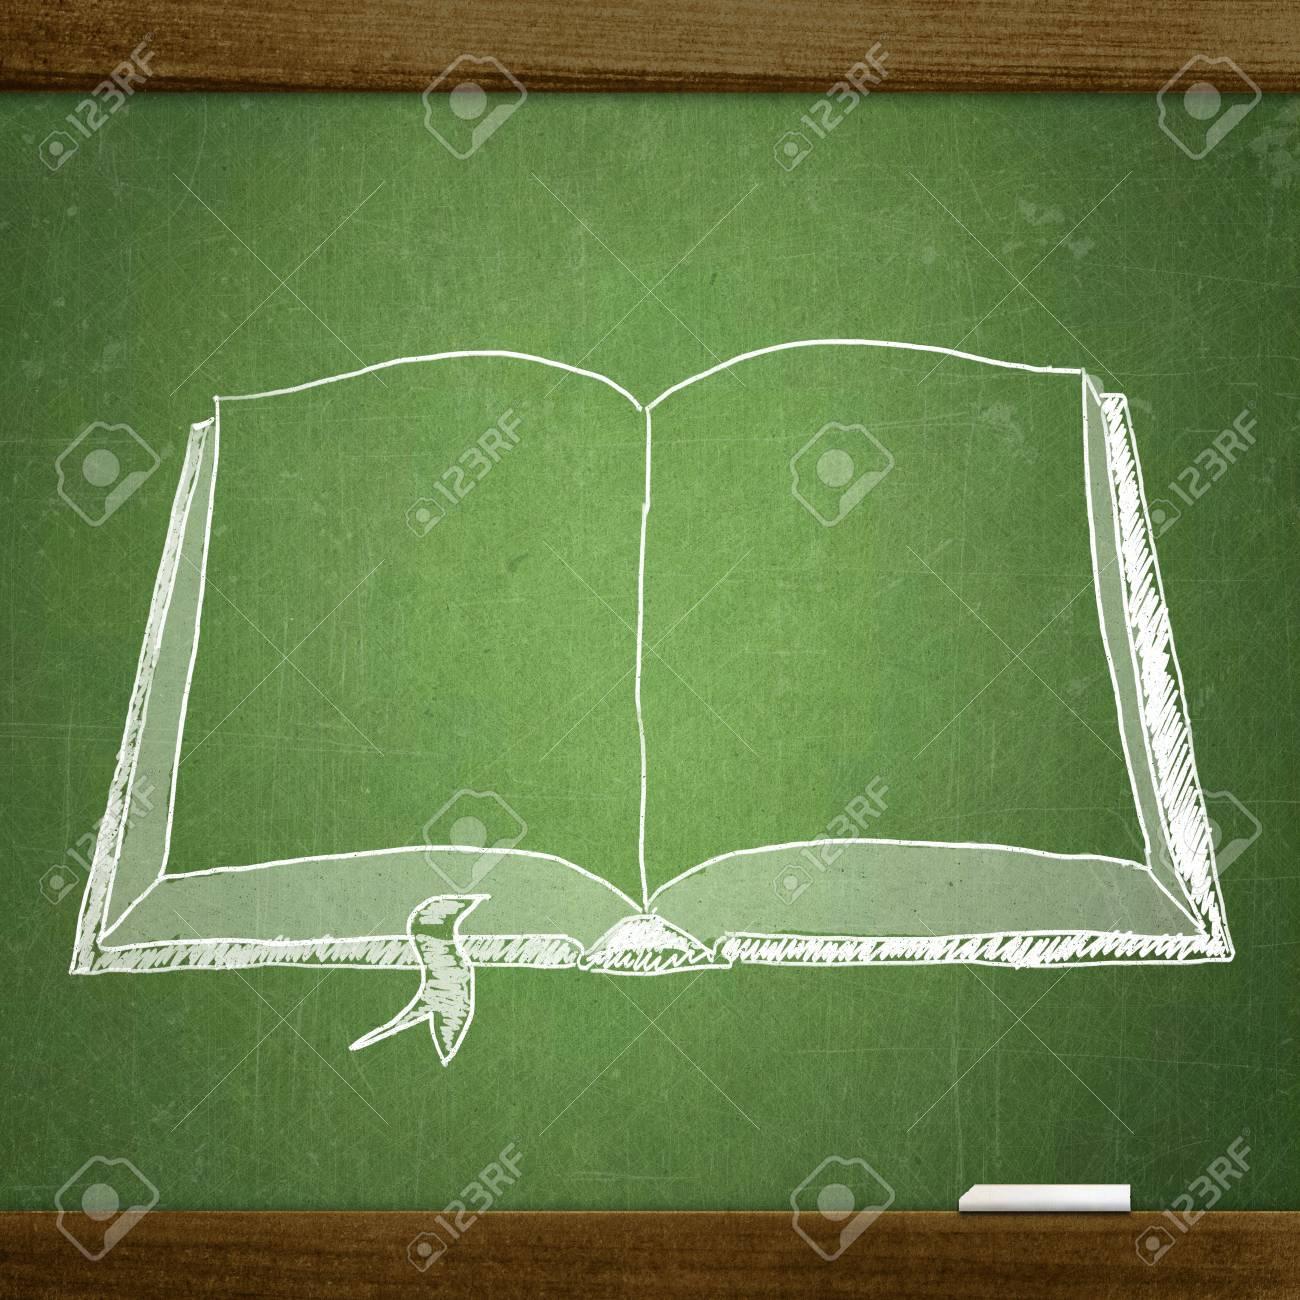 Croquis De L Ecole Sur Le Tableau Noir Livre Banque D Images Et